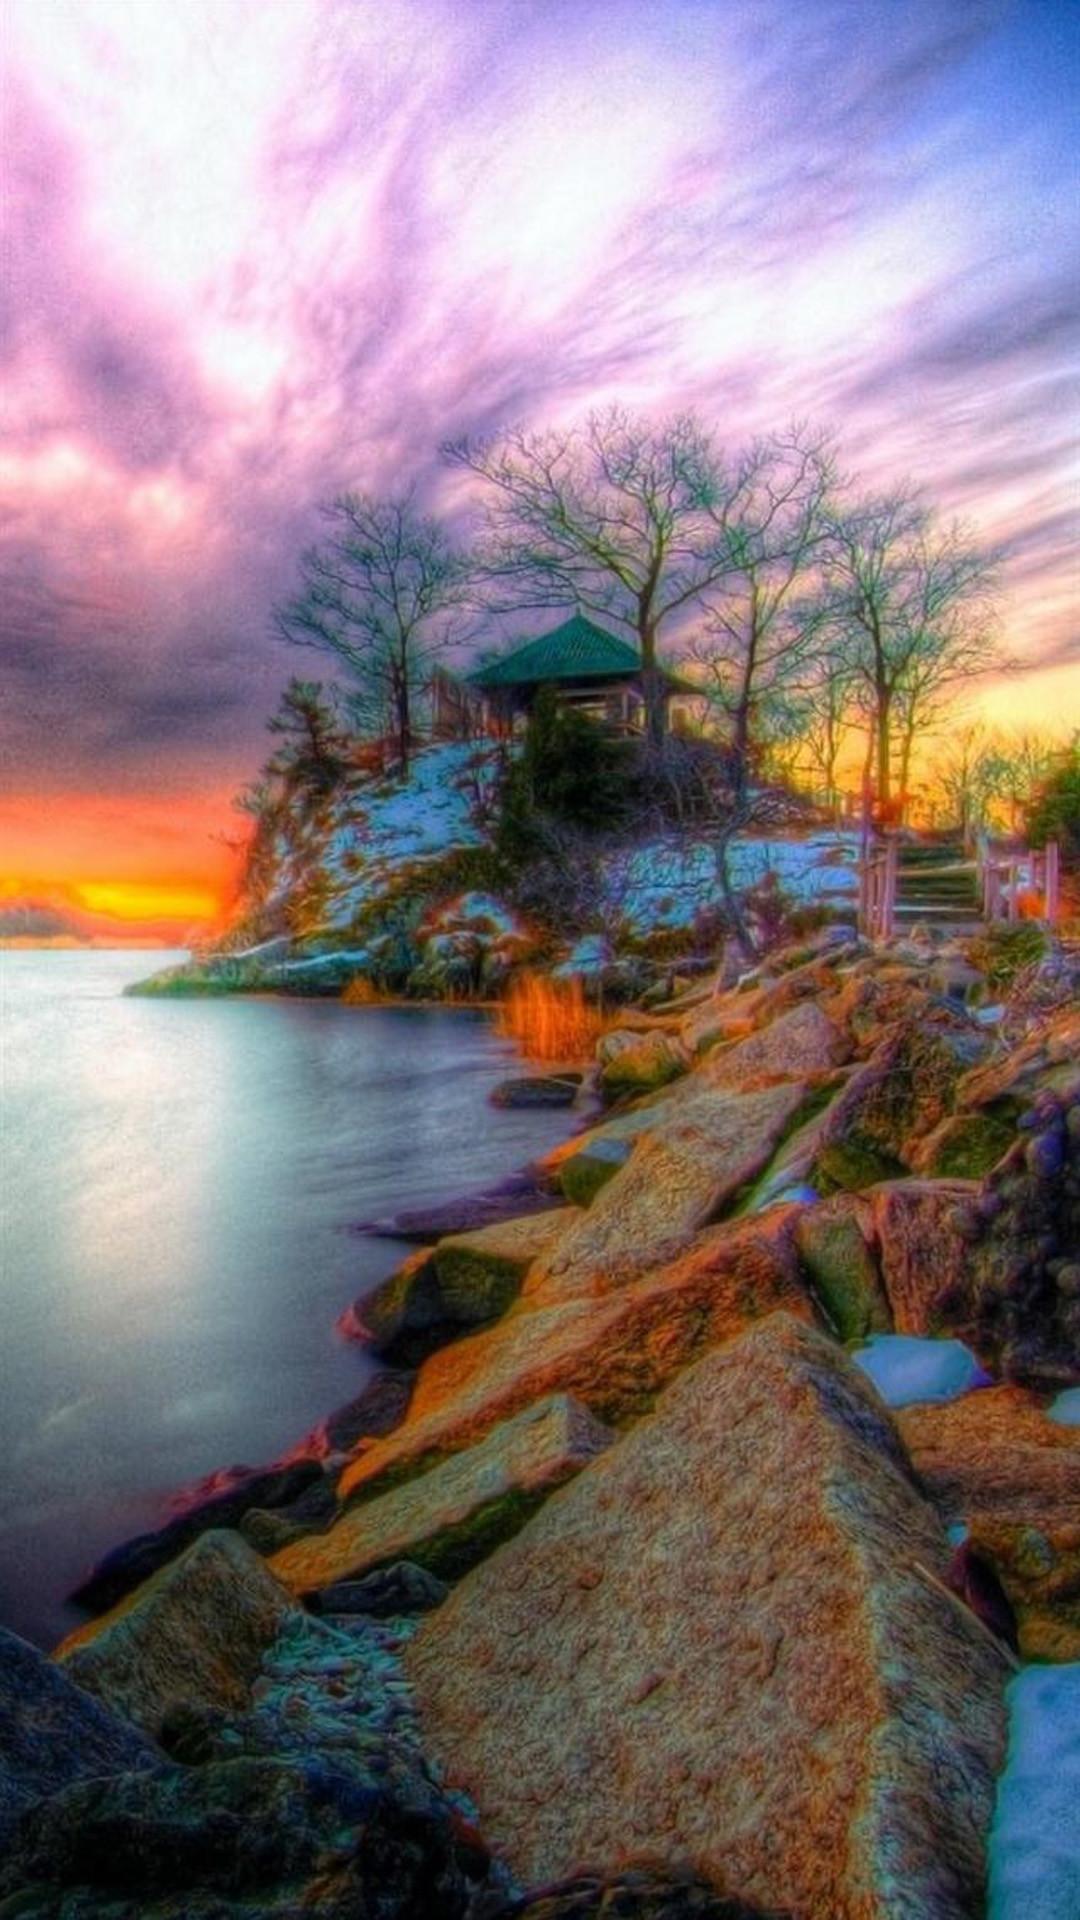 Sfondi natura 60 immagini for Sfondi hd natura